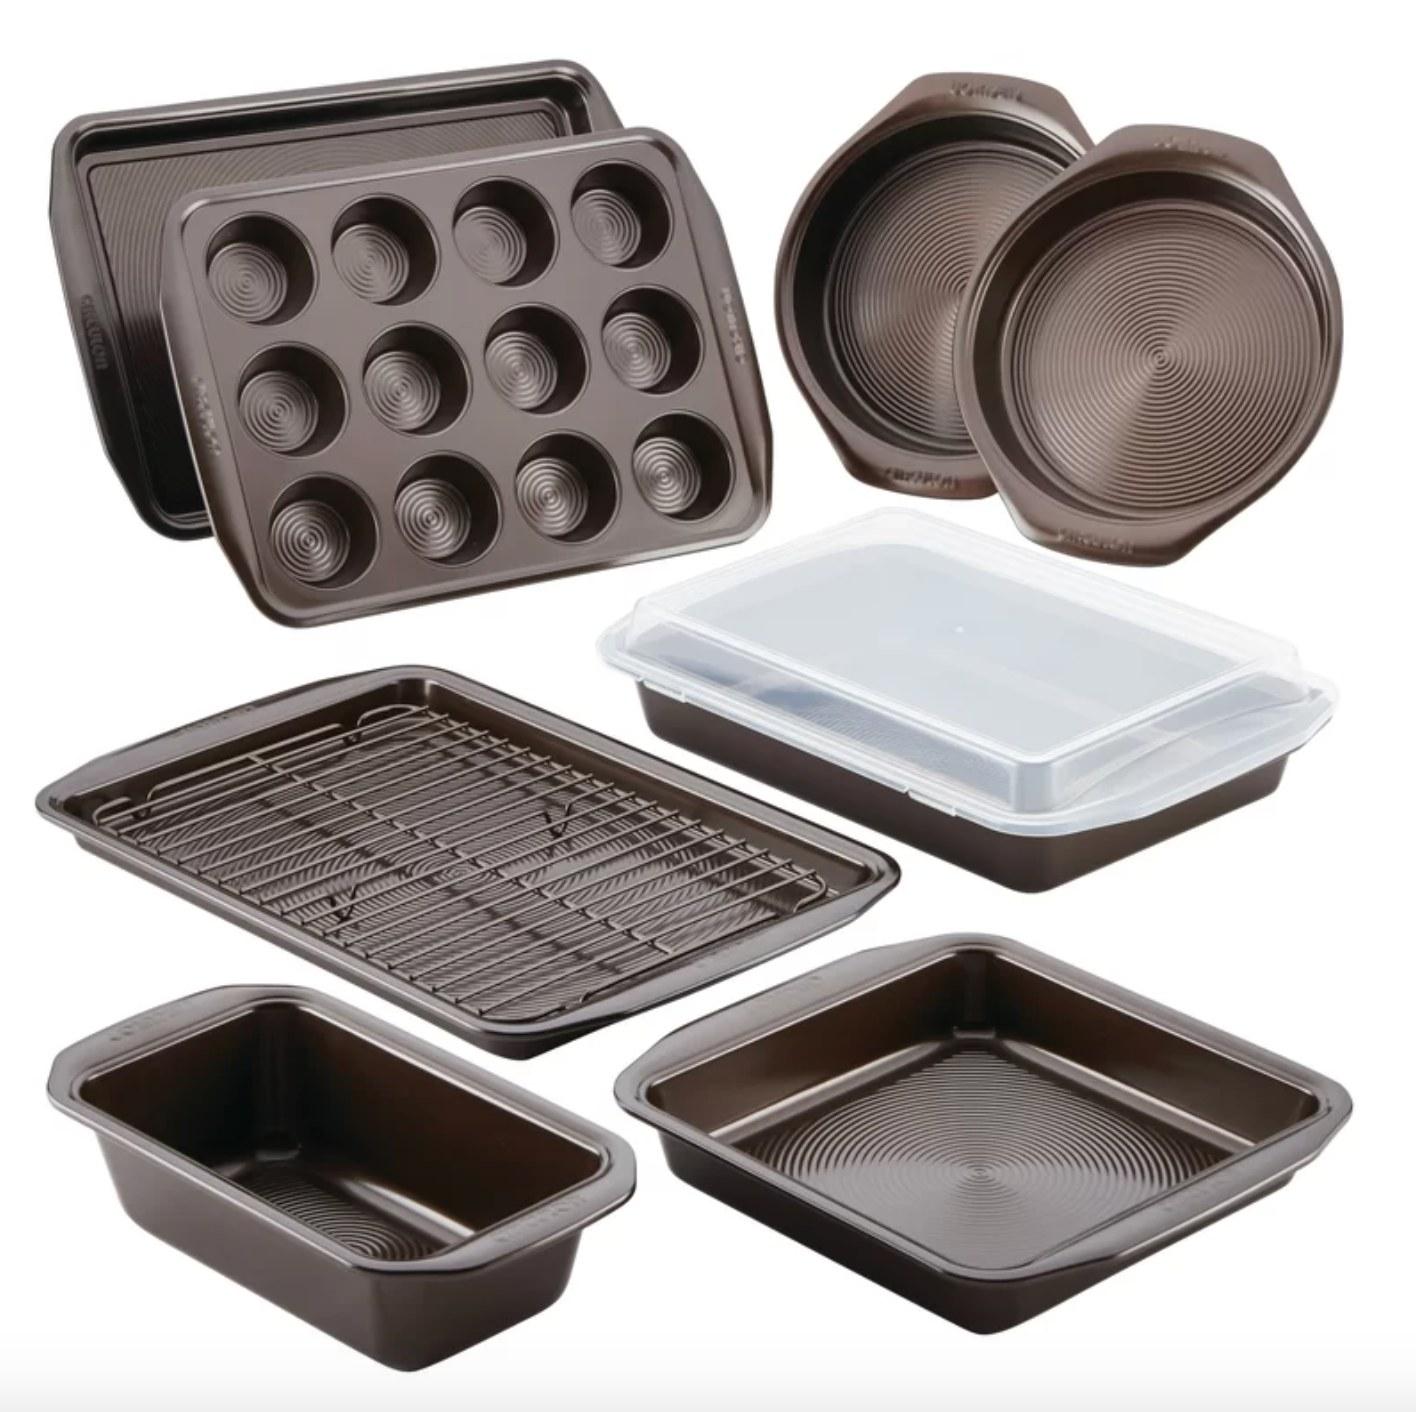 The 10-piece nonstick steel bakeware set